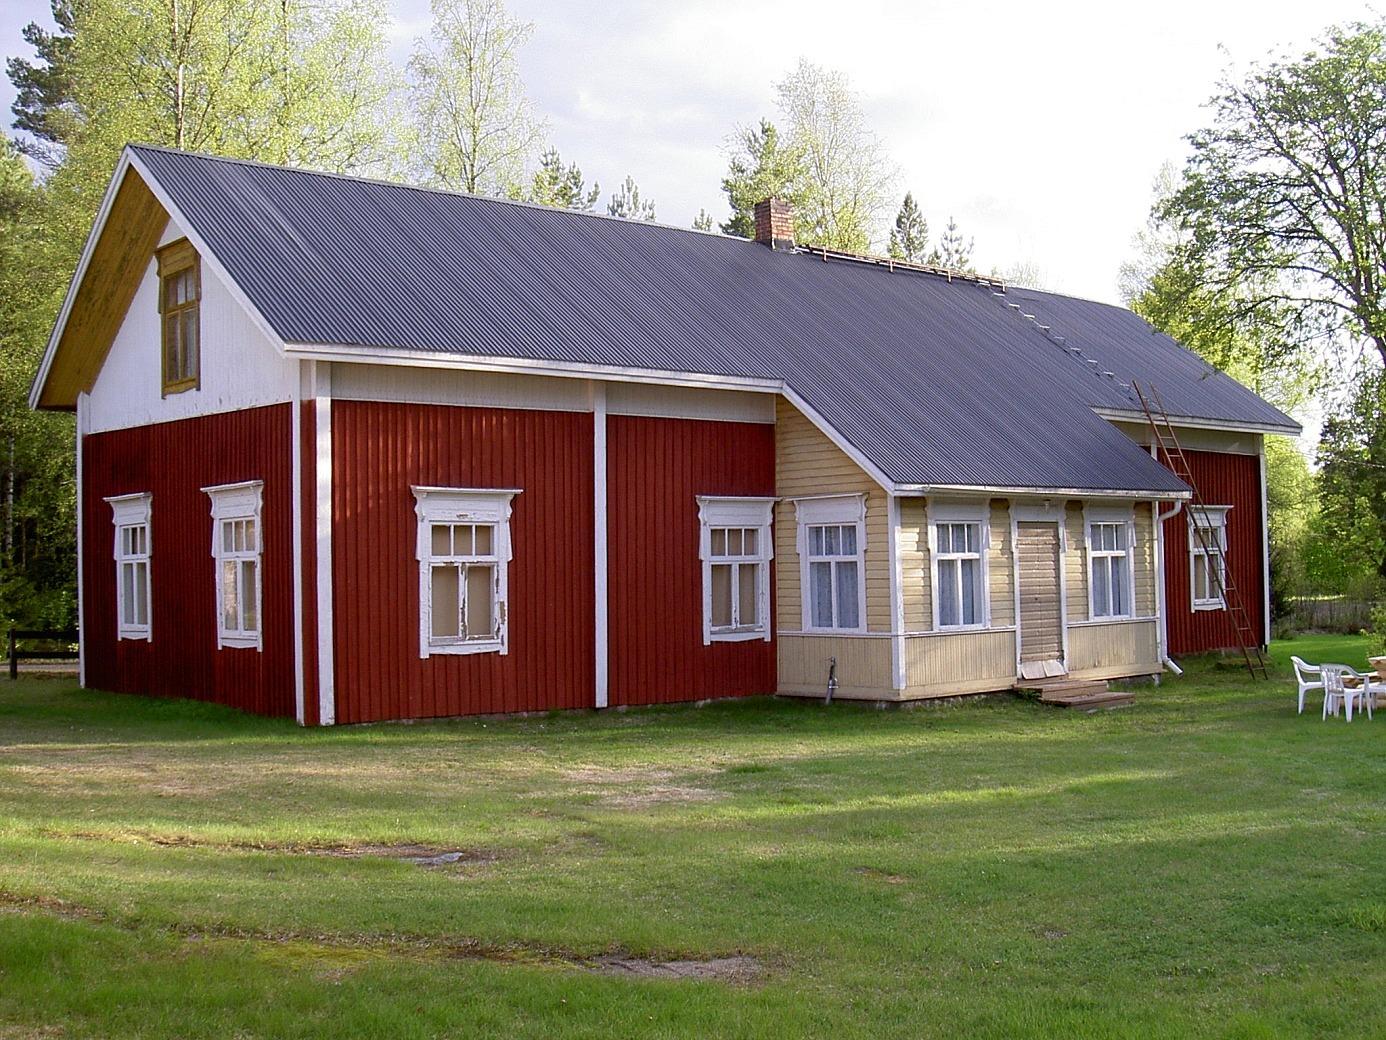 Dahlroos stiliga bondgård fotograferad 2003. Lillsjövägen går precis bakom gården.